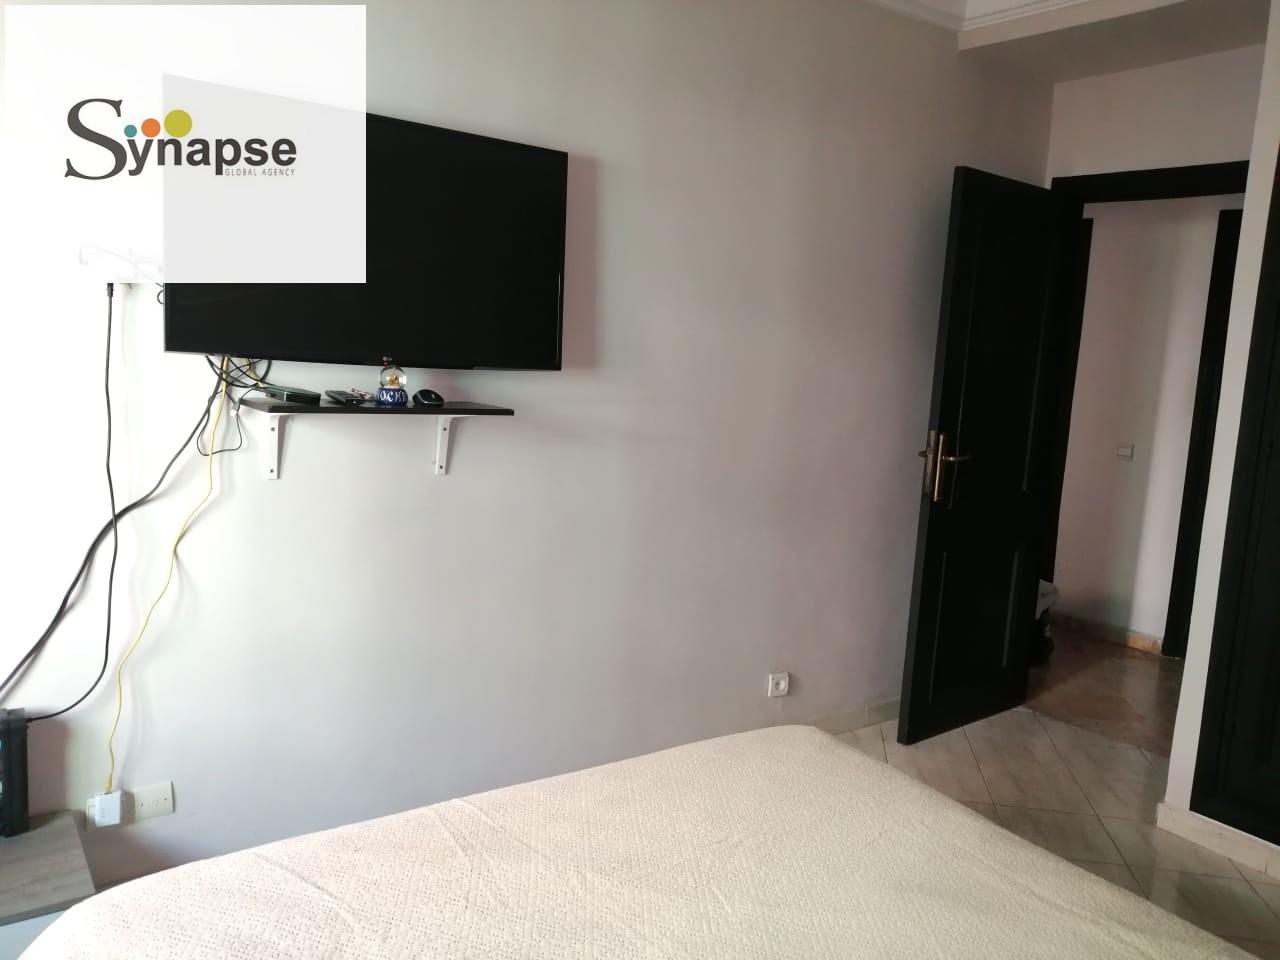 Vente <strong>Appartement</strong> Casablanca La Gironde <strong>85 m2</strong>